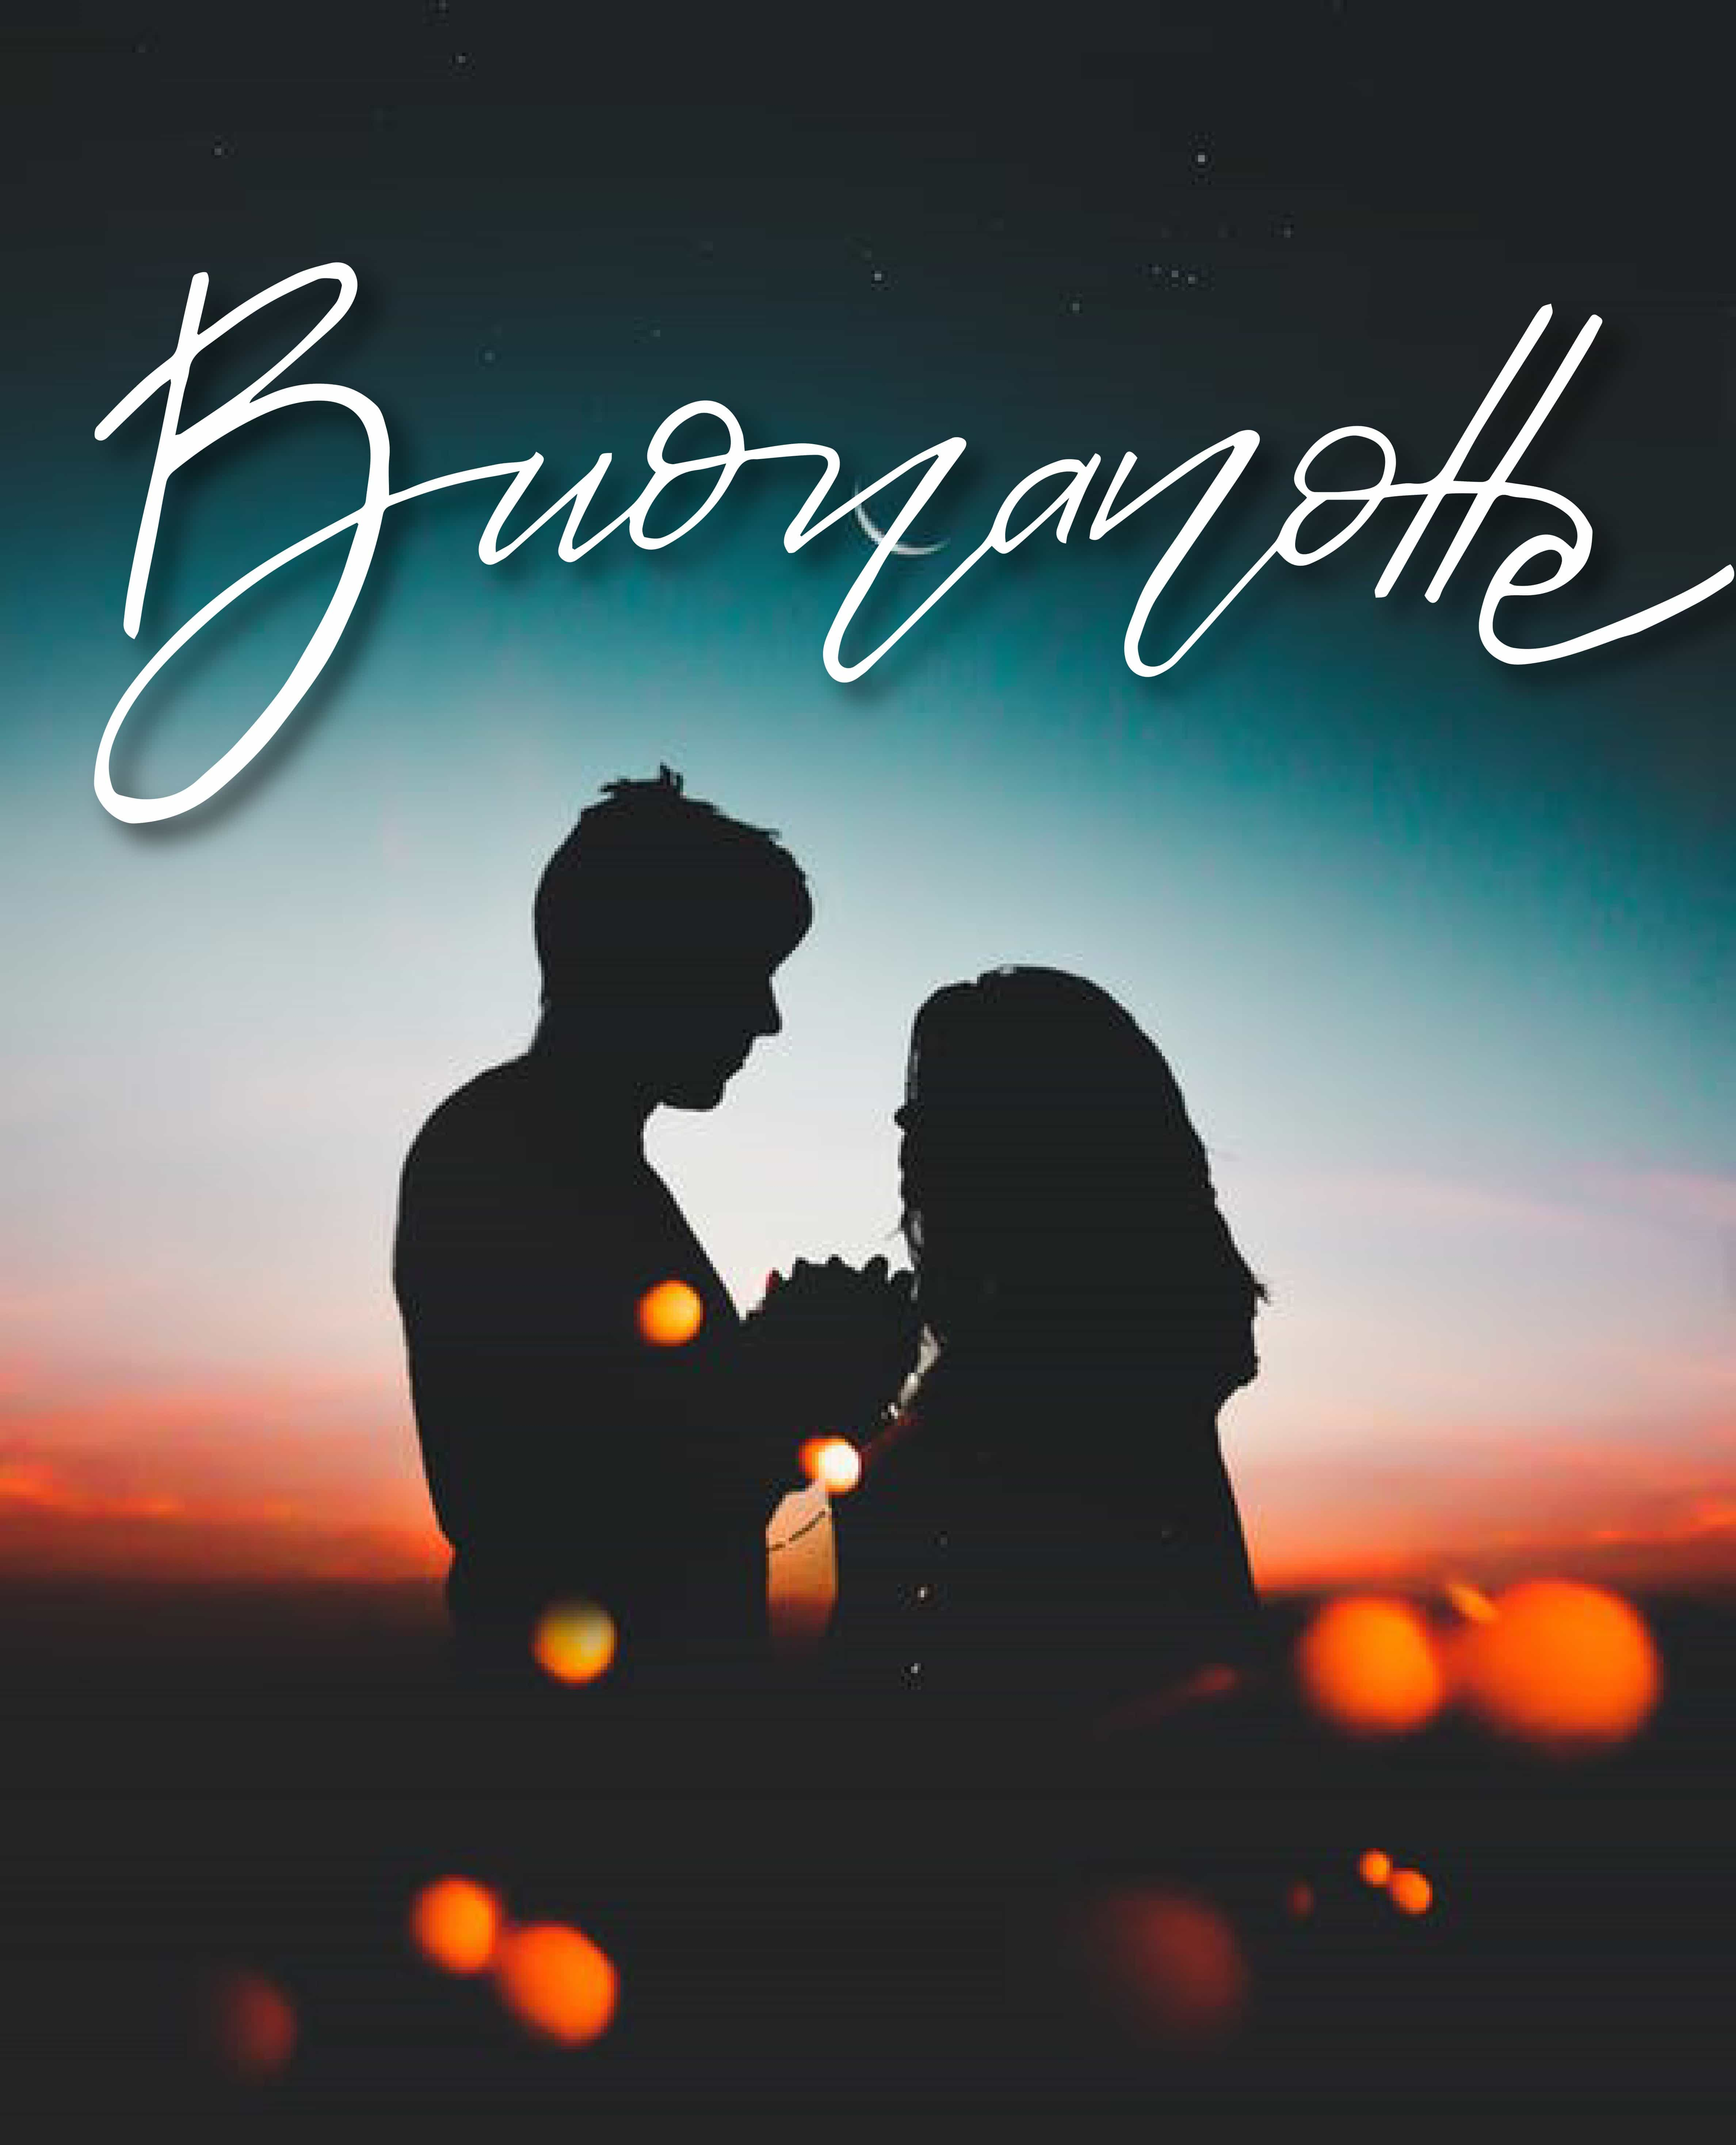 Le Immagini Della Buona Notte Romantiche Augurate Buona Notte A